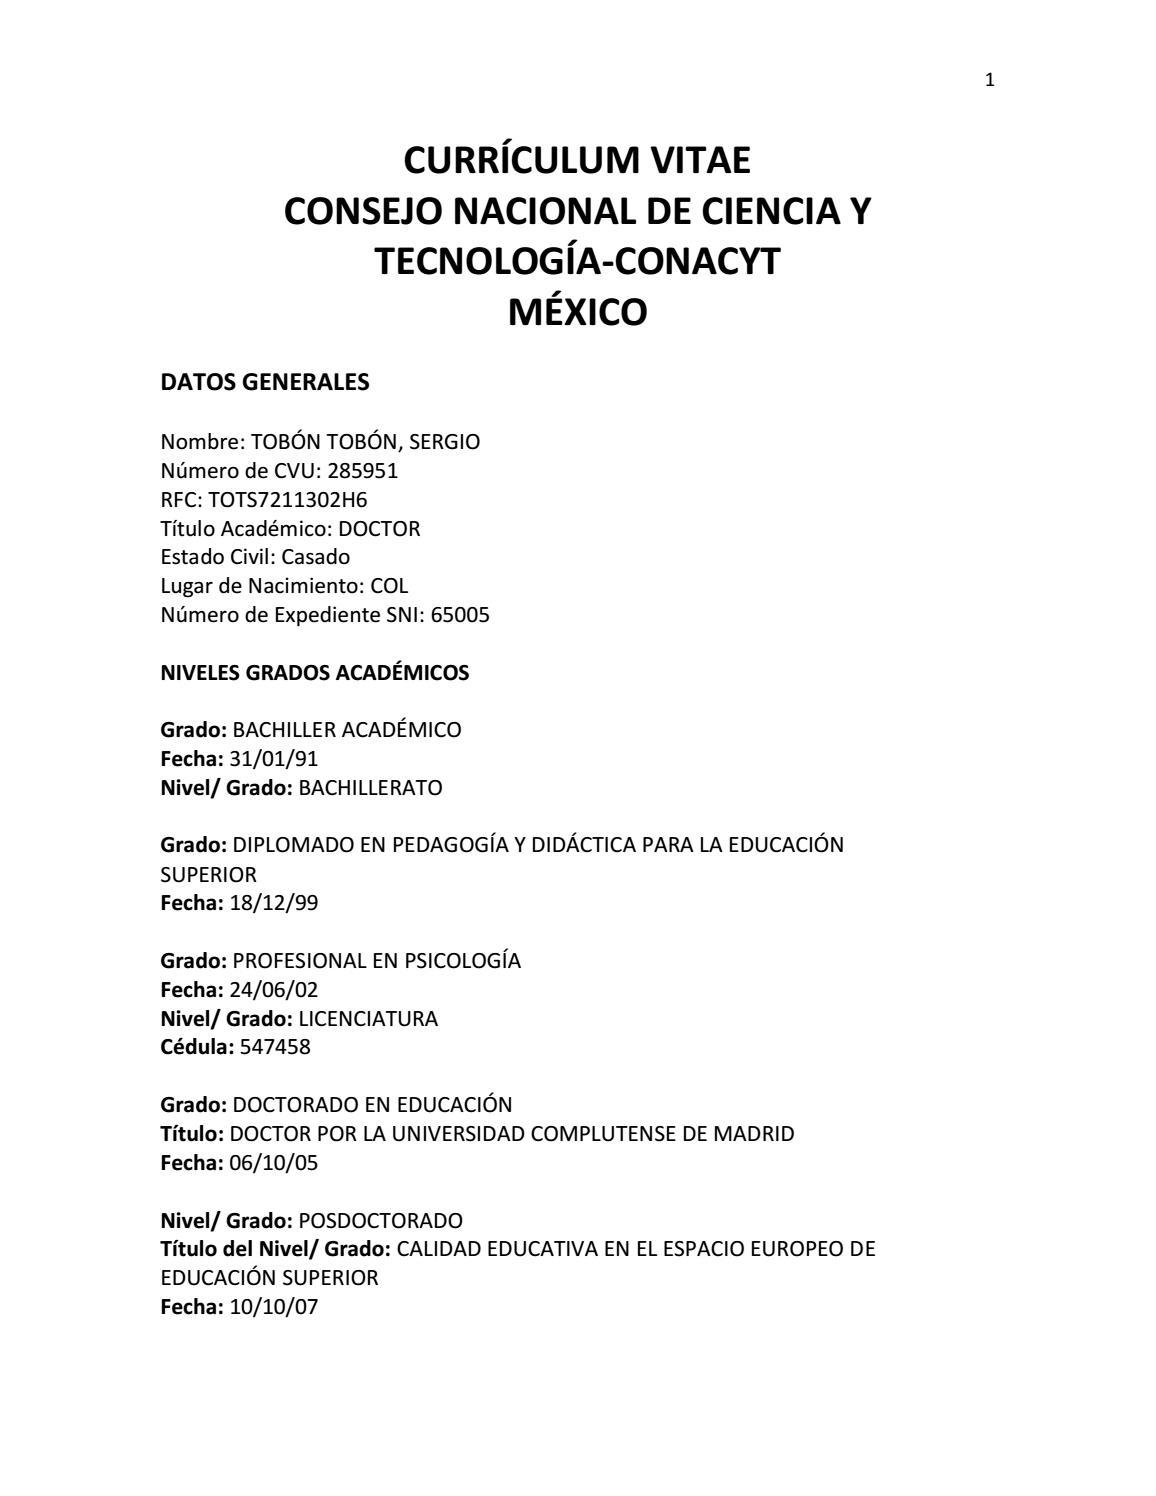 Currículum del Dr. Sergio Tobón by Sergio Tobon - issuu